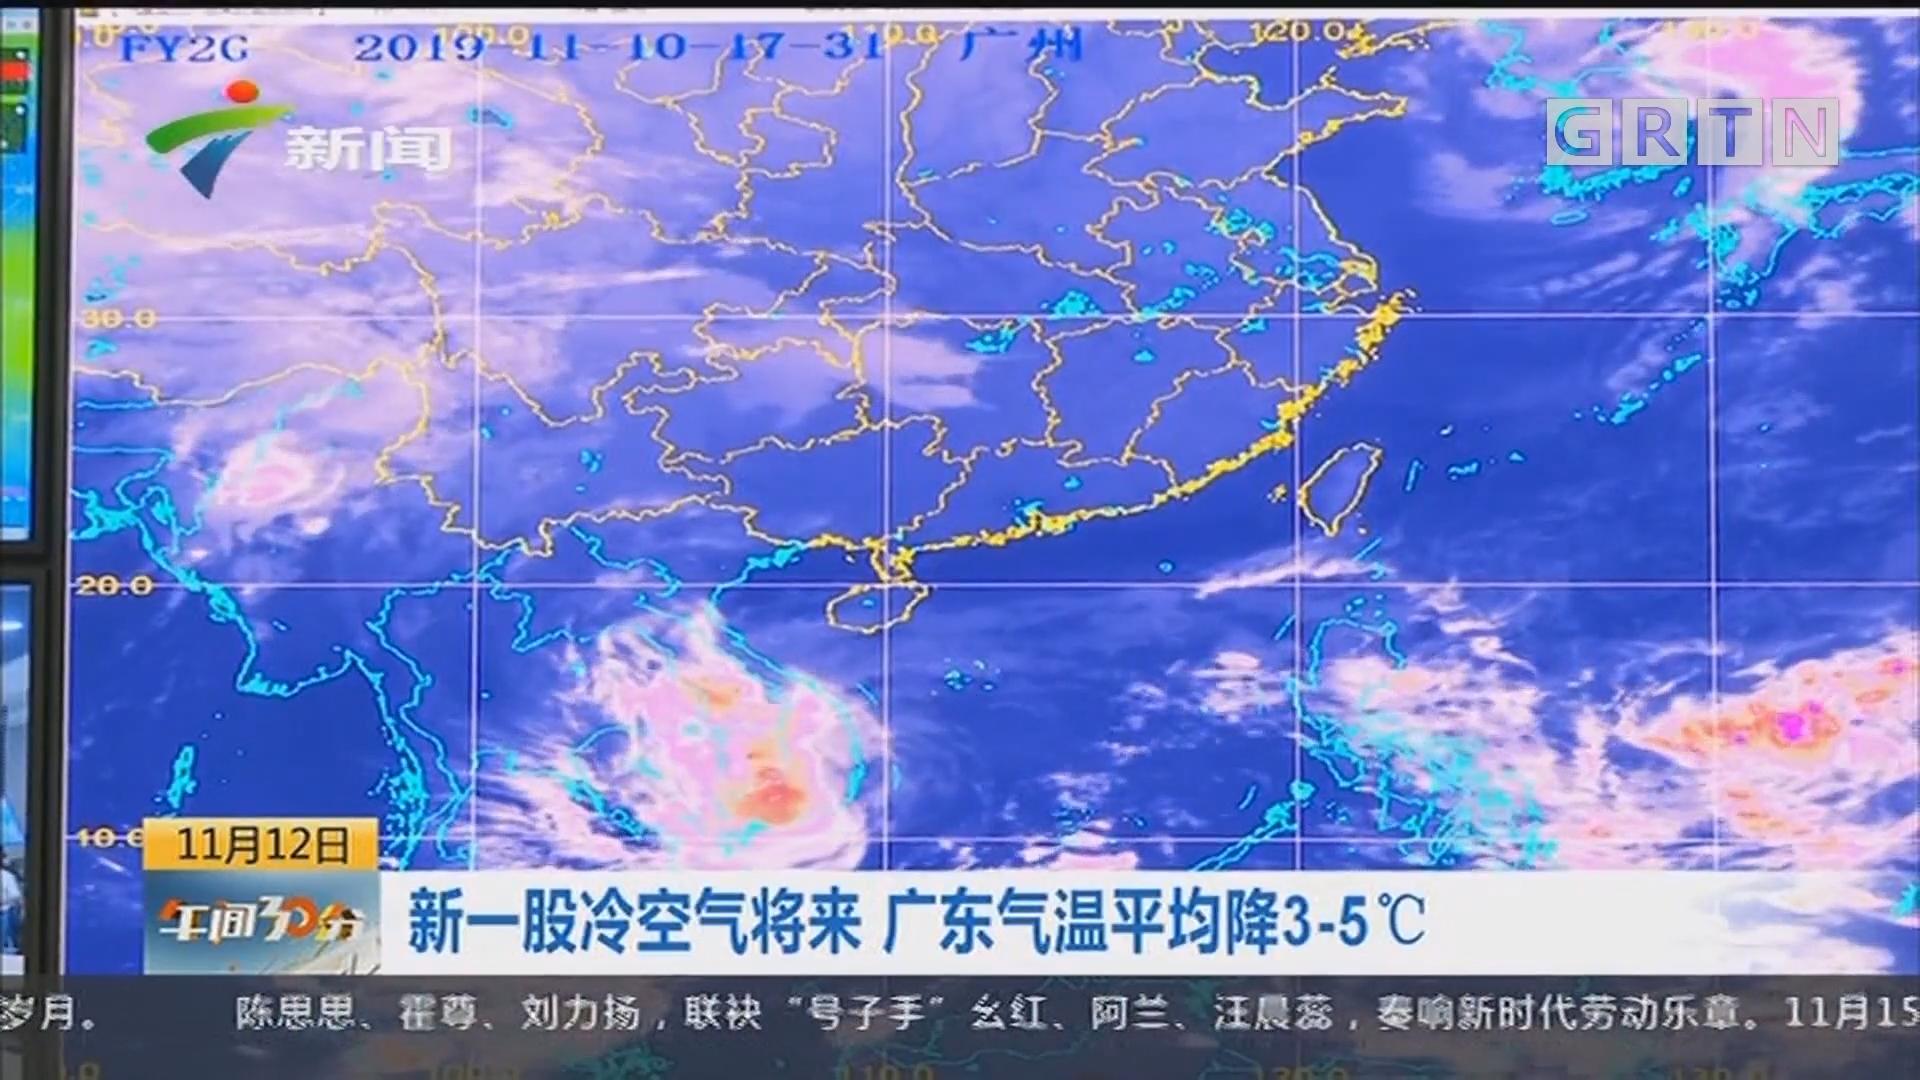 新一股冷空气将来 广东气温平均降3—5℃